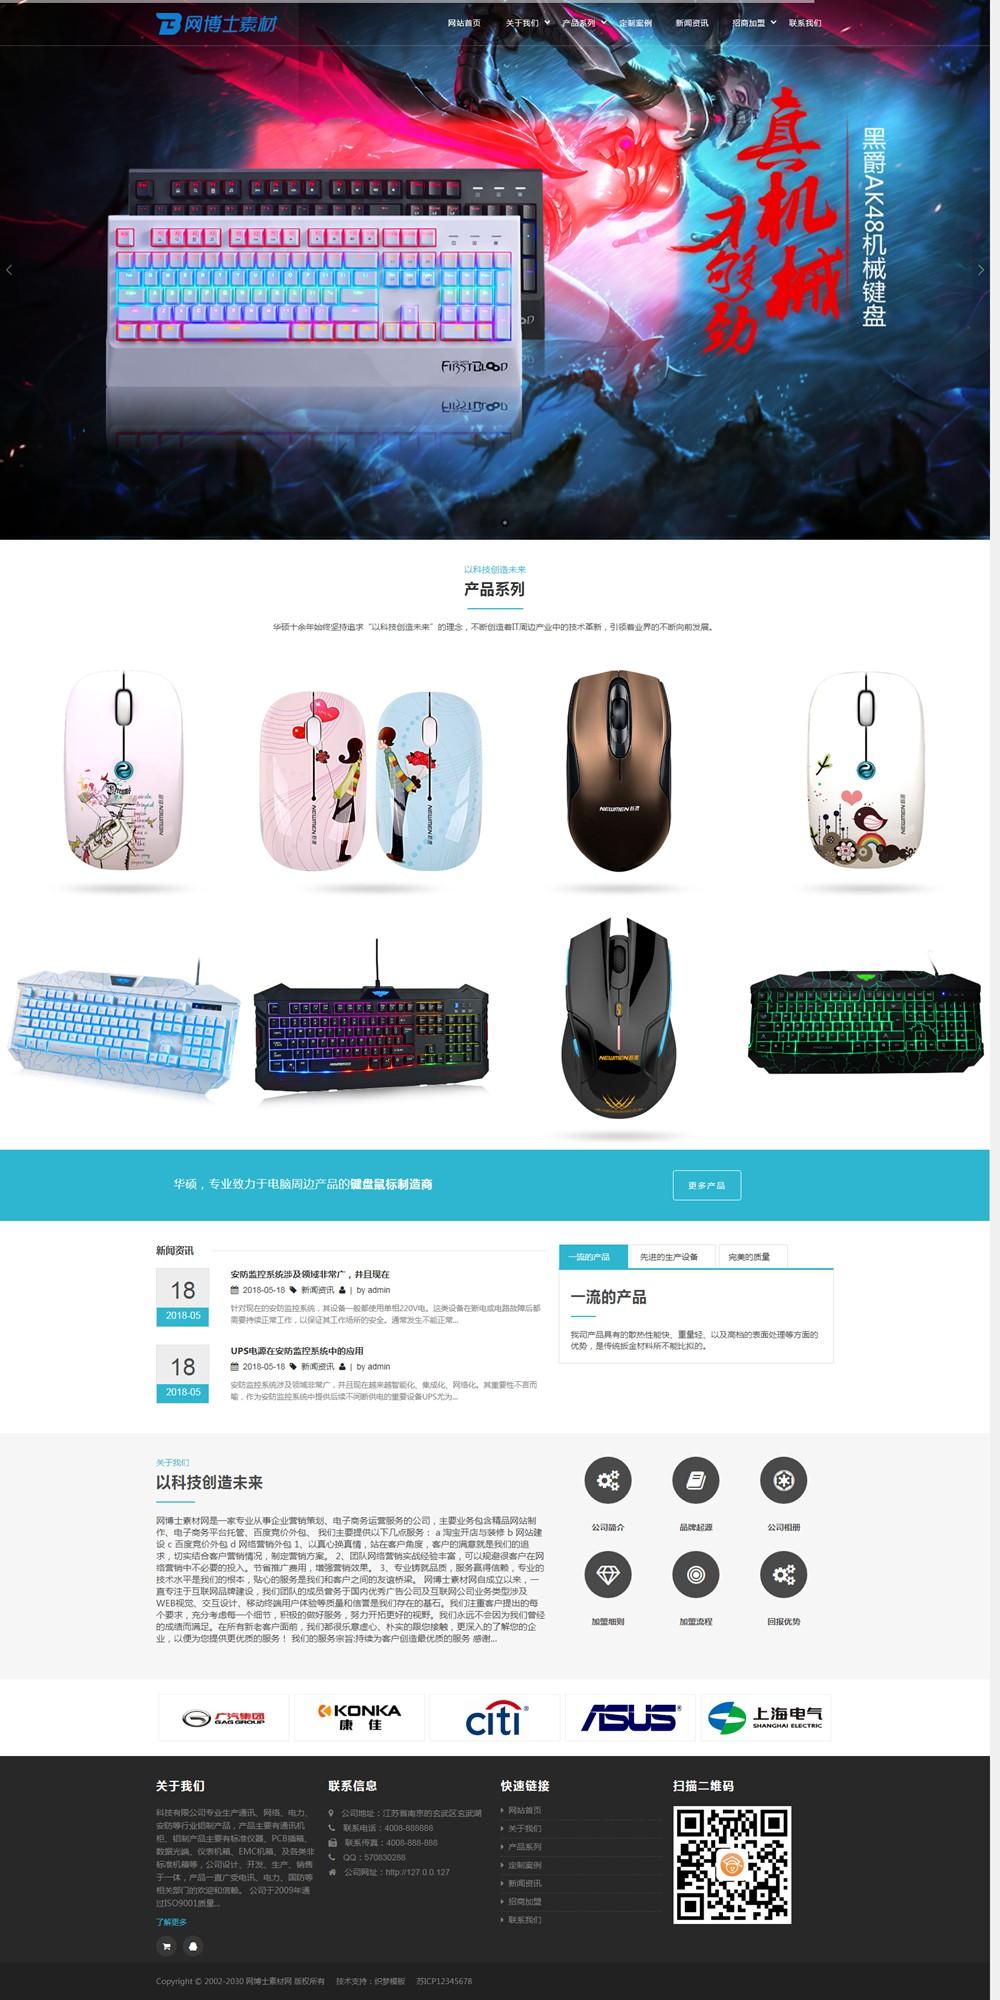 (自适应手机版)响应式电脑机箱鼠标键盘配件类网站织梦模板 HTML5电脑硬件配件网